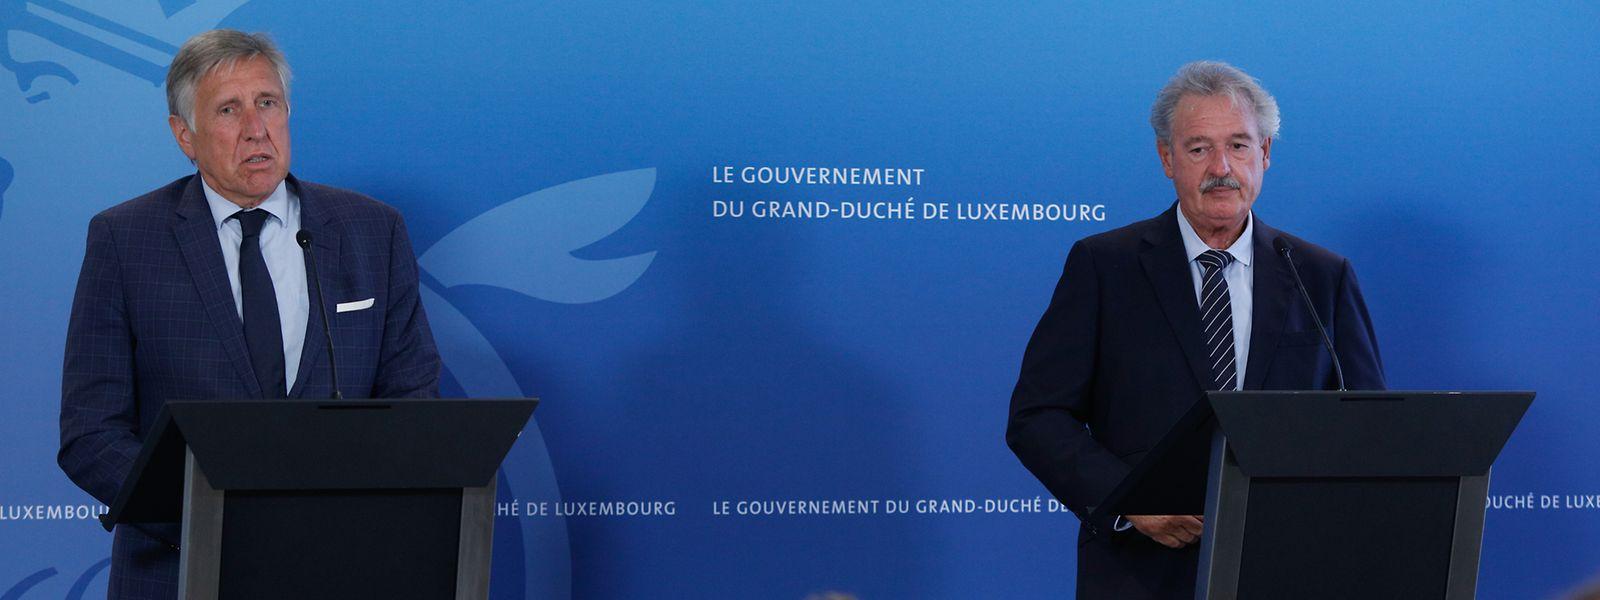 Verteidigungsminister Bausch (l.) und Außenminister Asselborn betonten die notwendige internationale Zusammenarbeit.